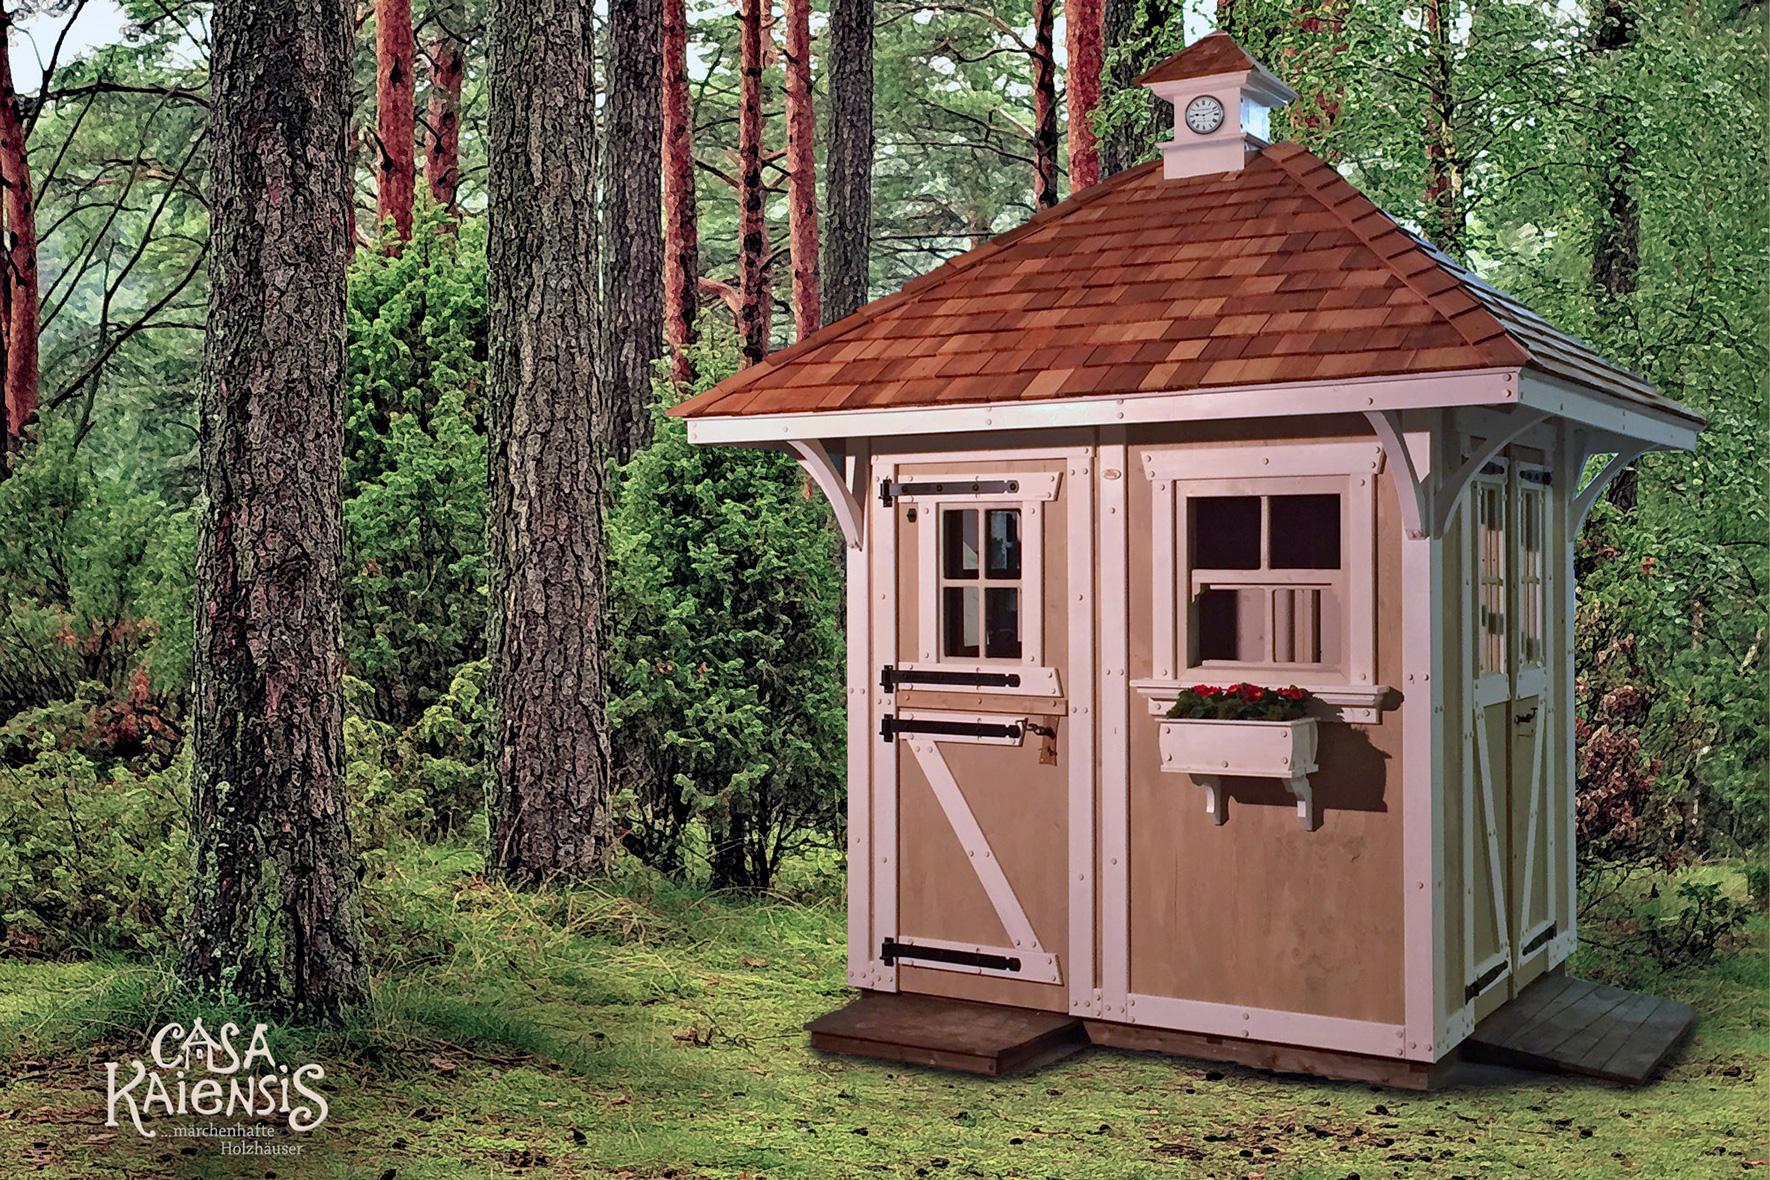 Gut gemocht Casa Kaiensismärchenhafte Holzhäuser LG43